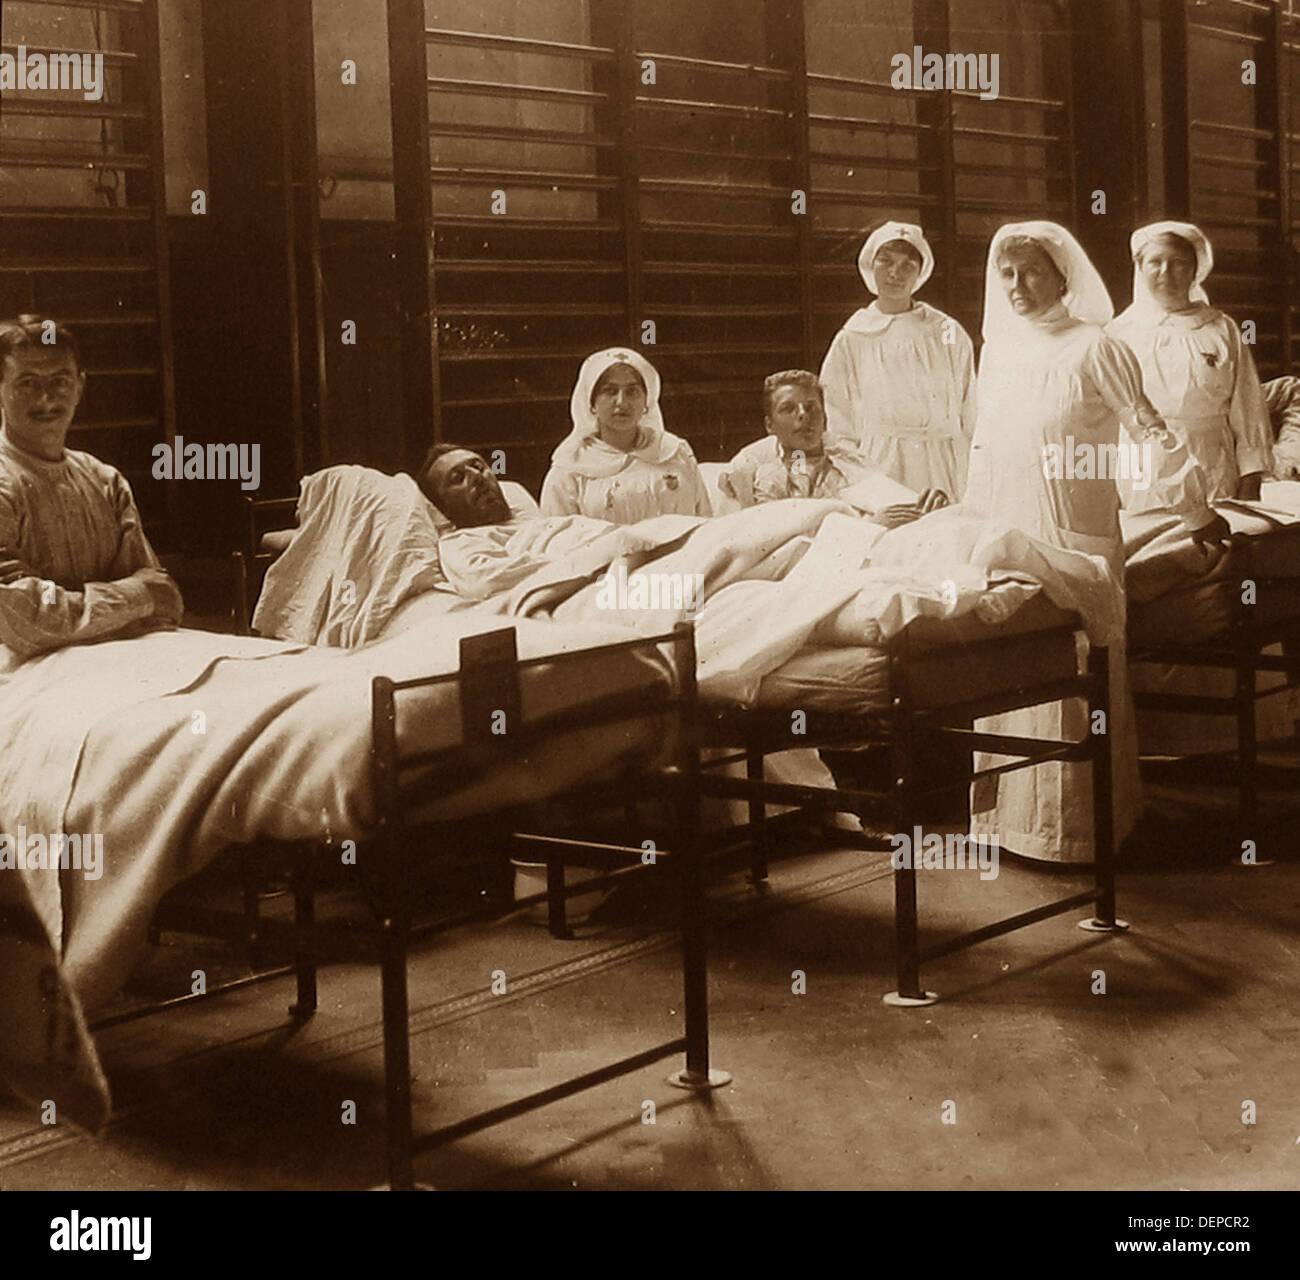 Palestra utilizzato come ospedale durante il WW1 Immagini Stock